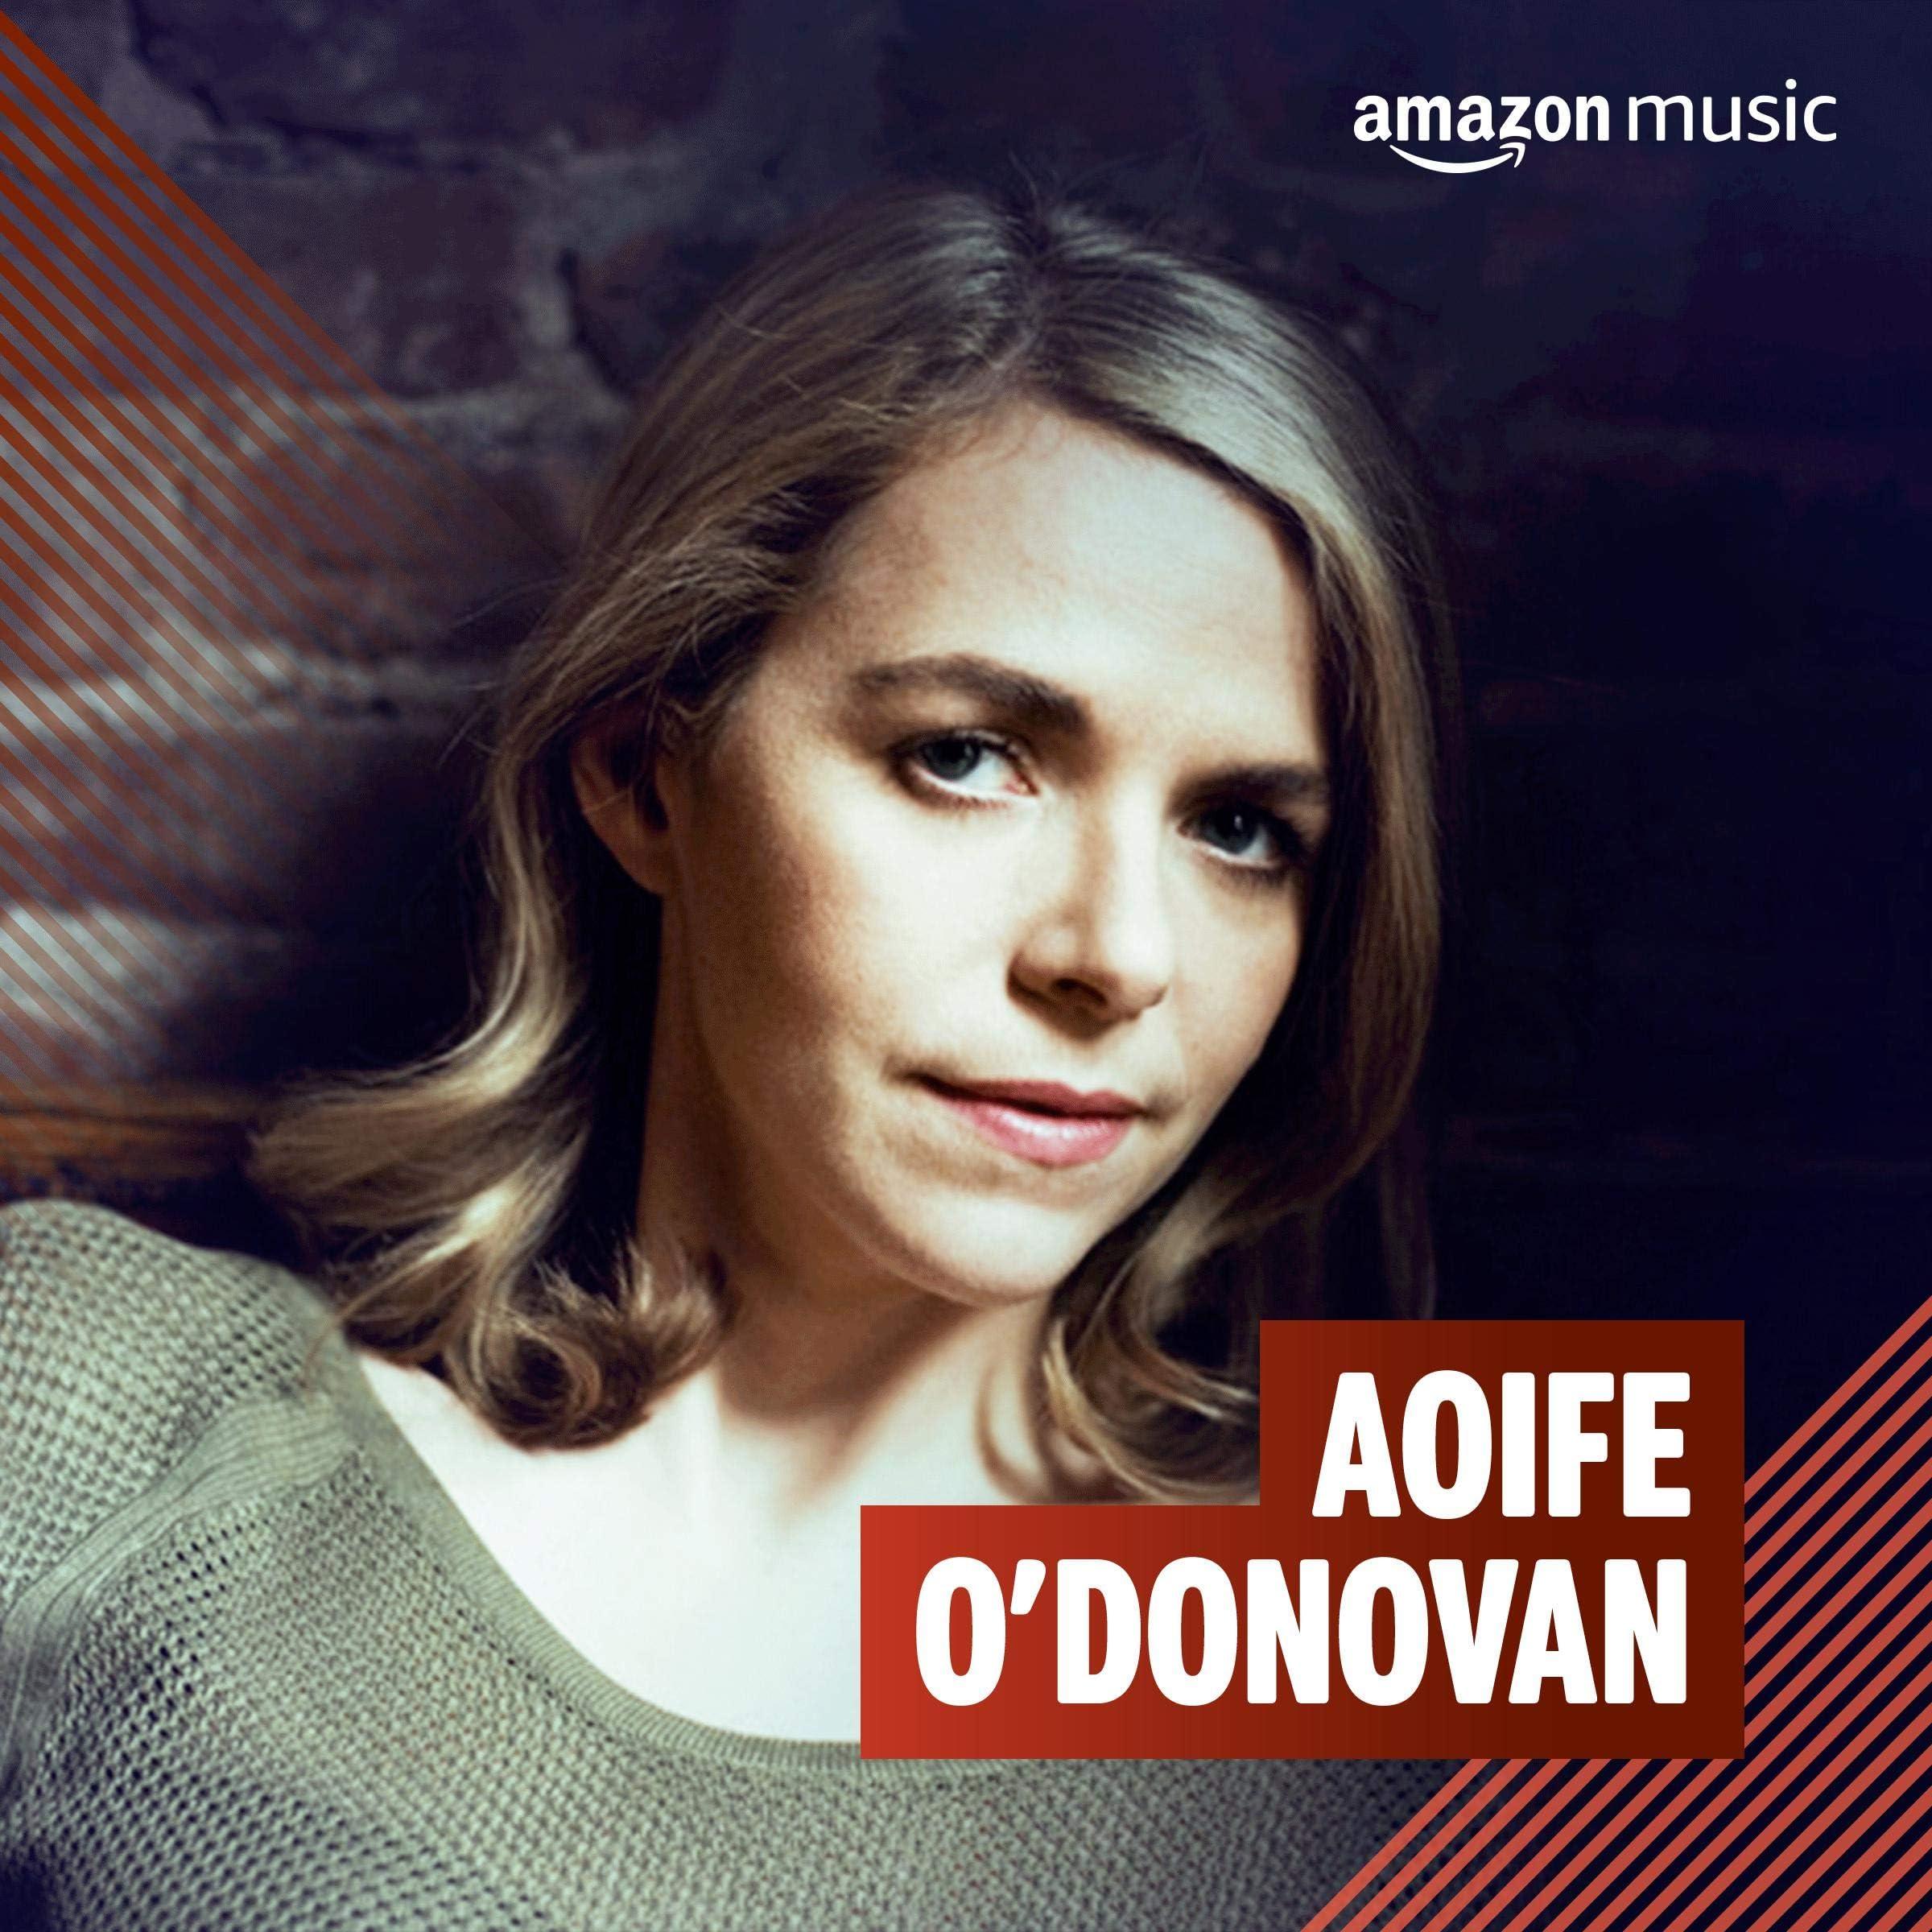 Aoife O'Donovan